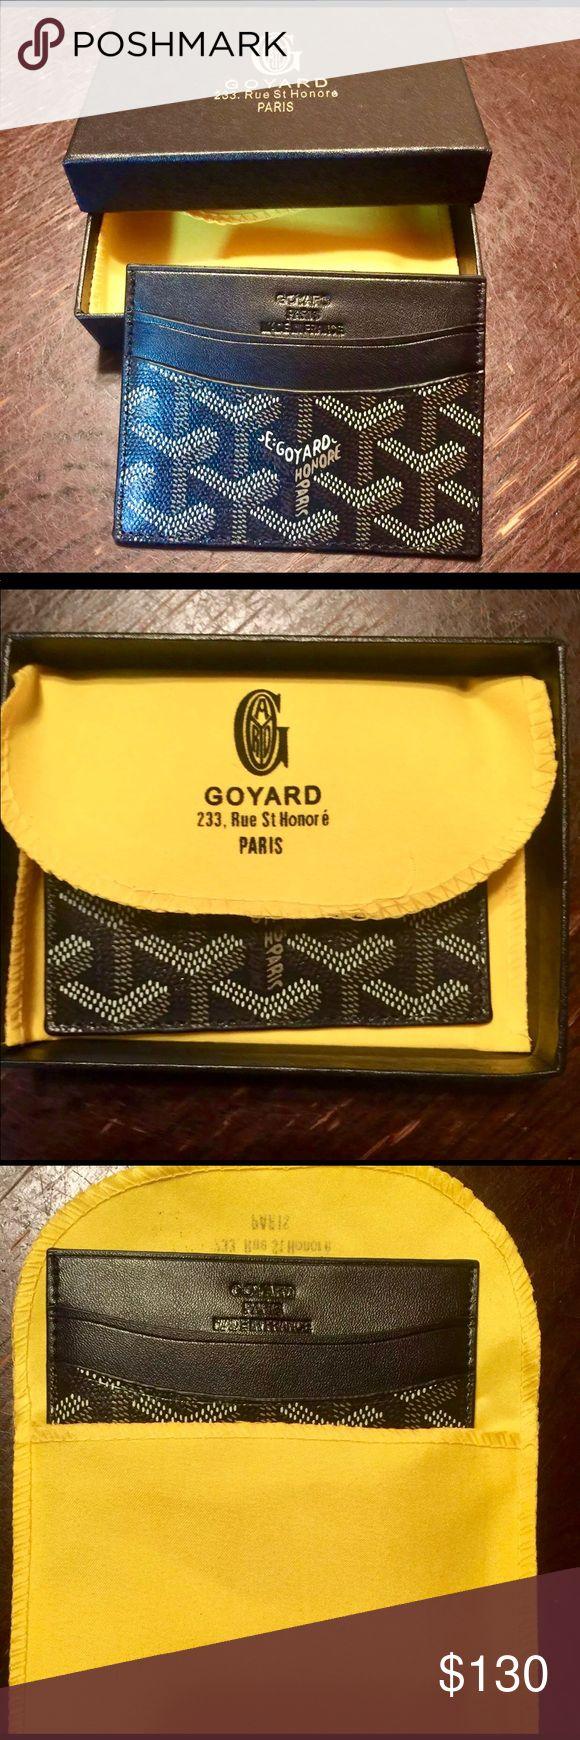 Goyard card holder Brand new with tags goyard card holder Goyard Accessories